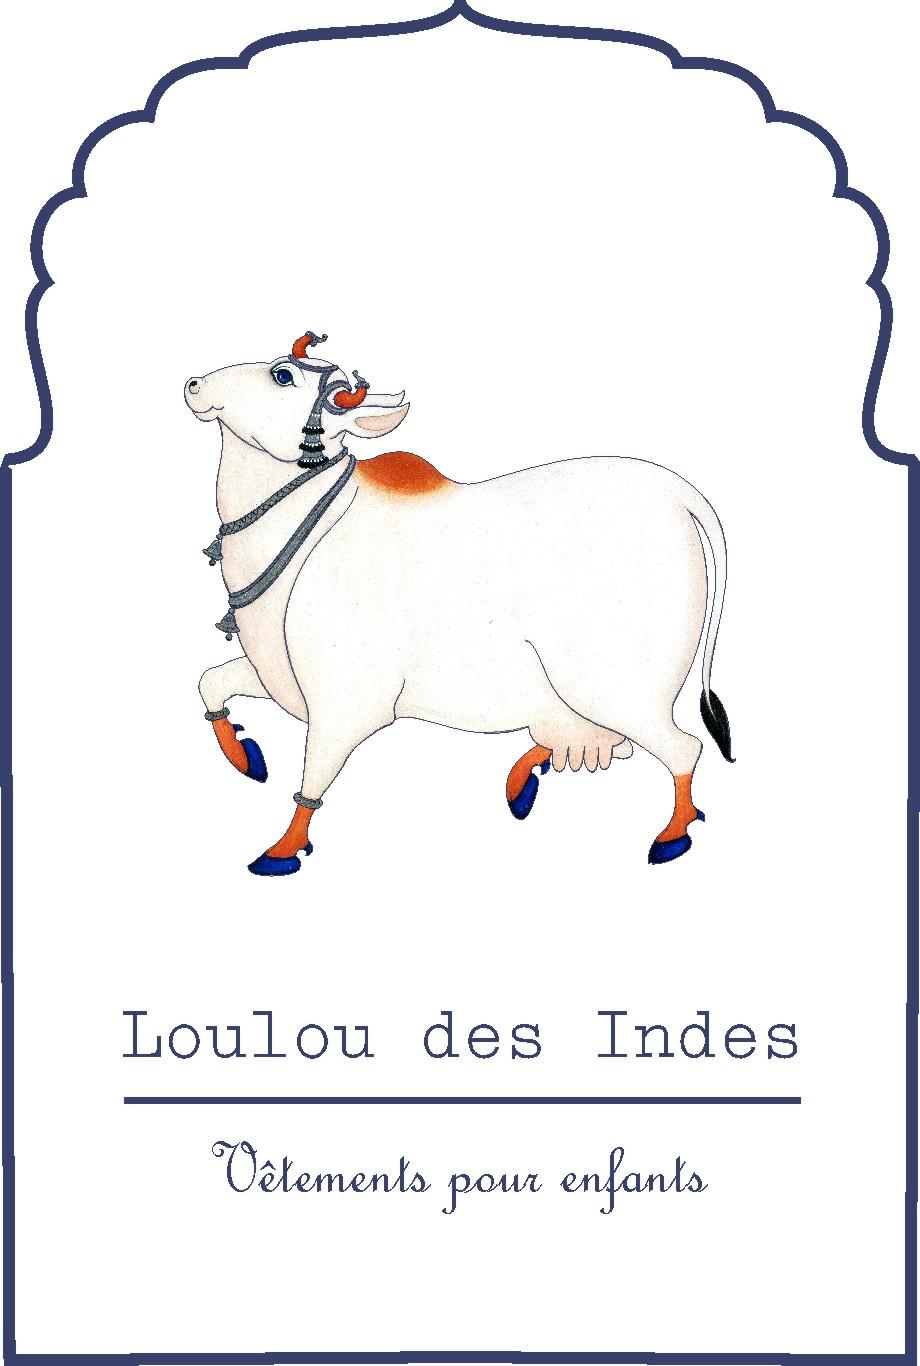 Loulou des Indes logo